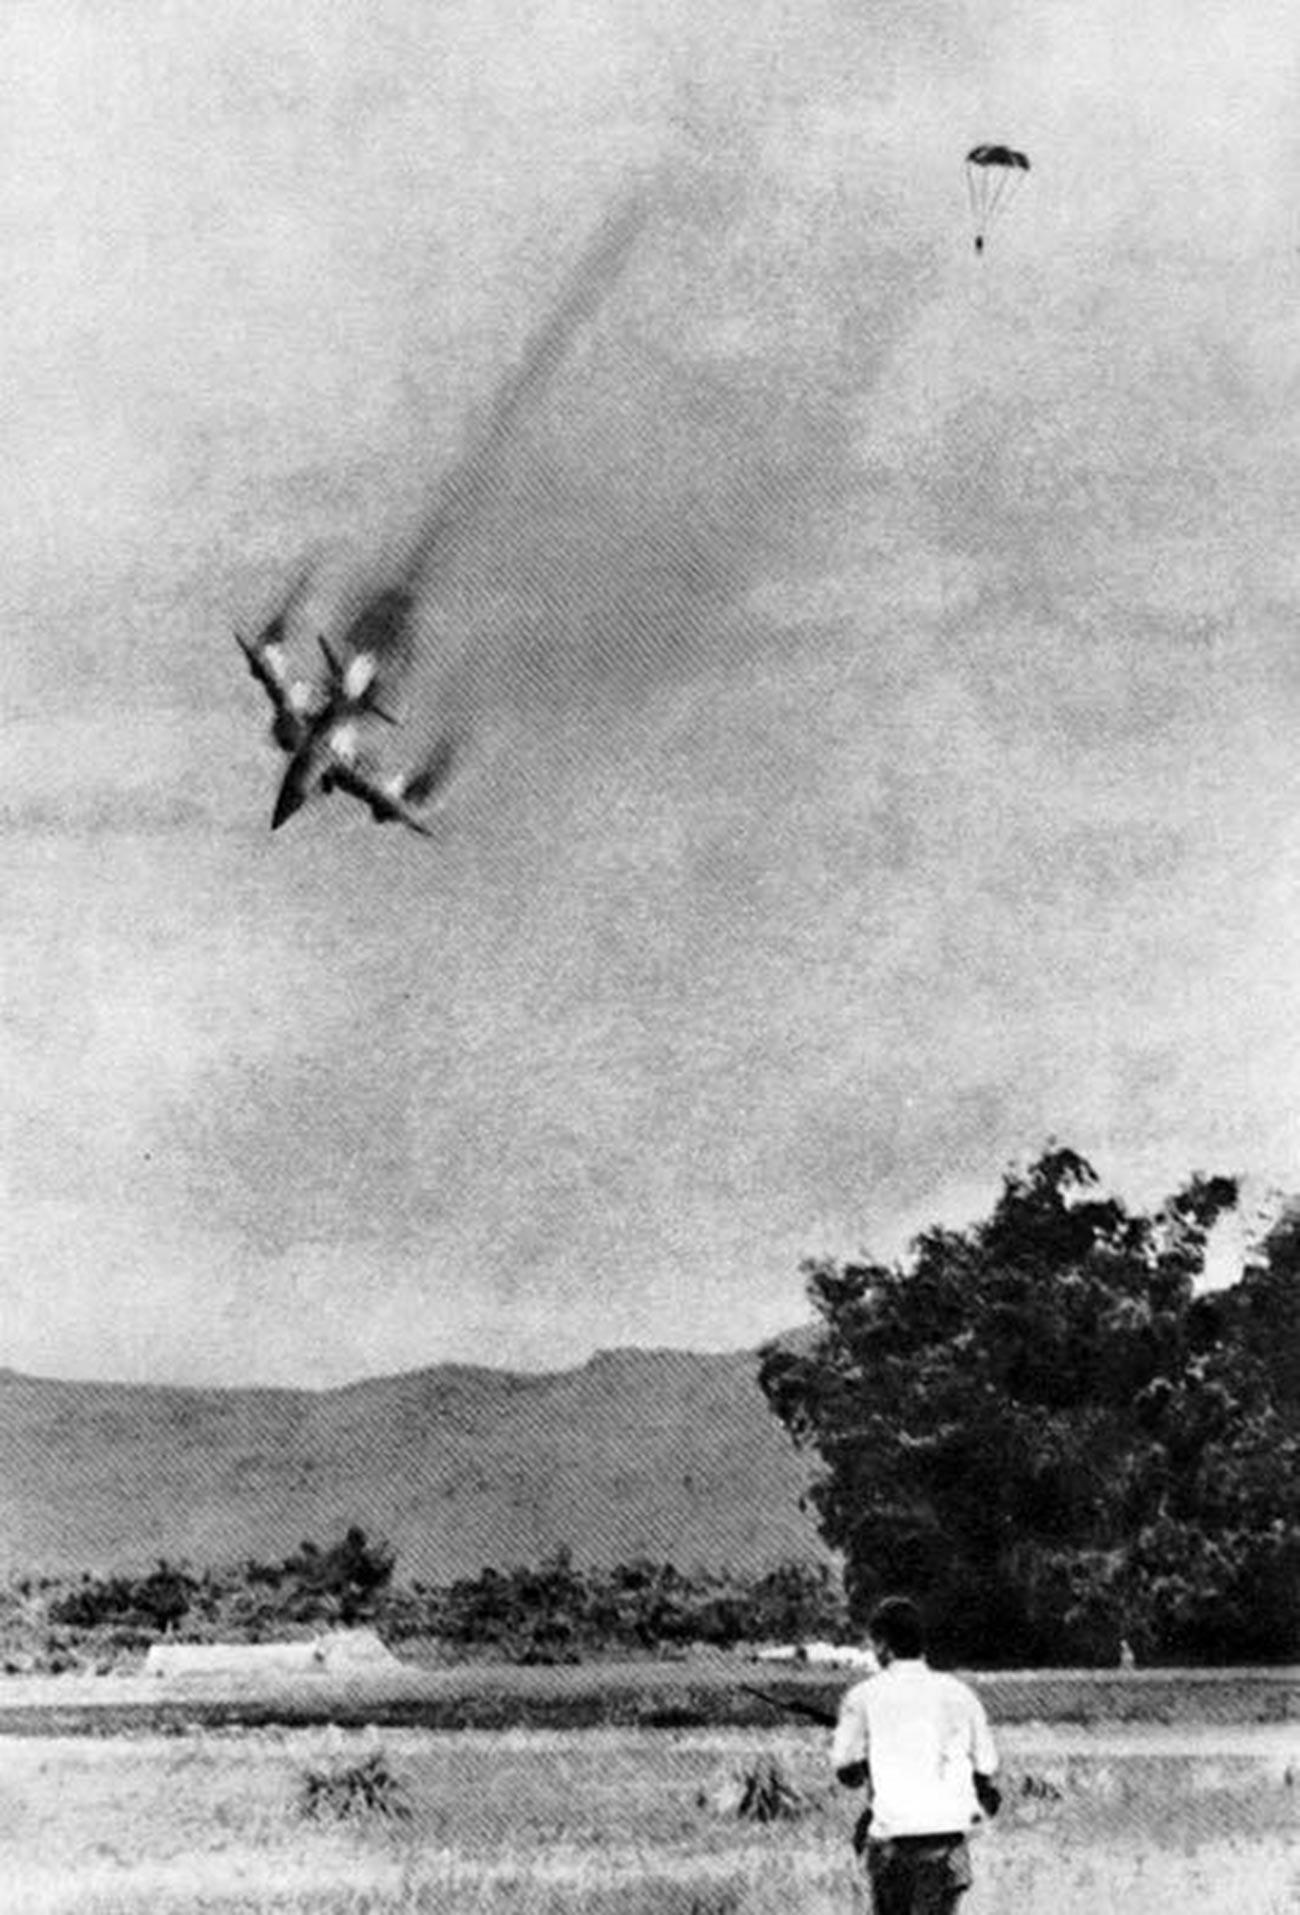 Американский самолет, сбитый в небе Вьетнама.